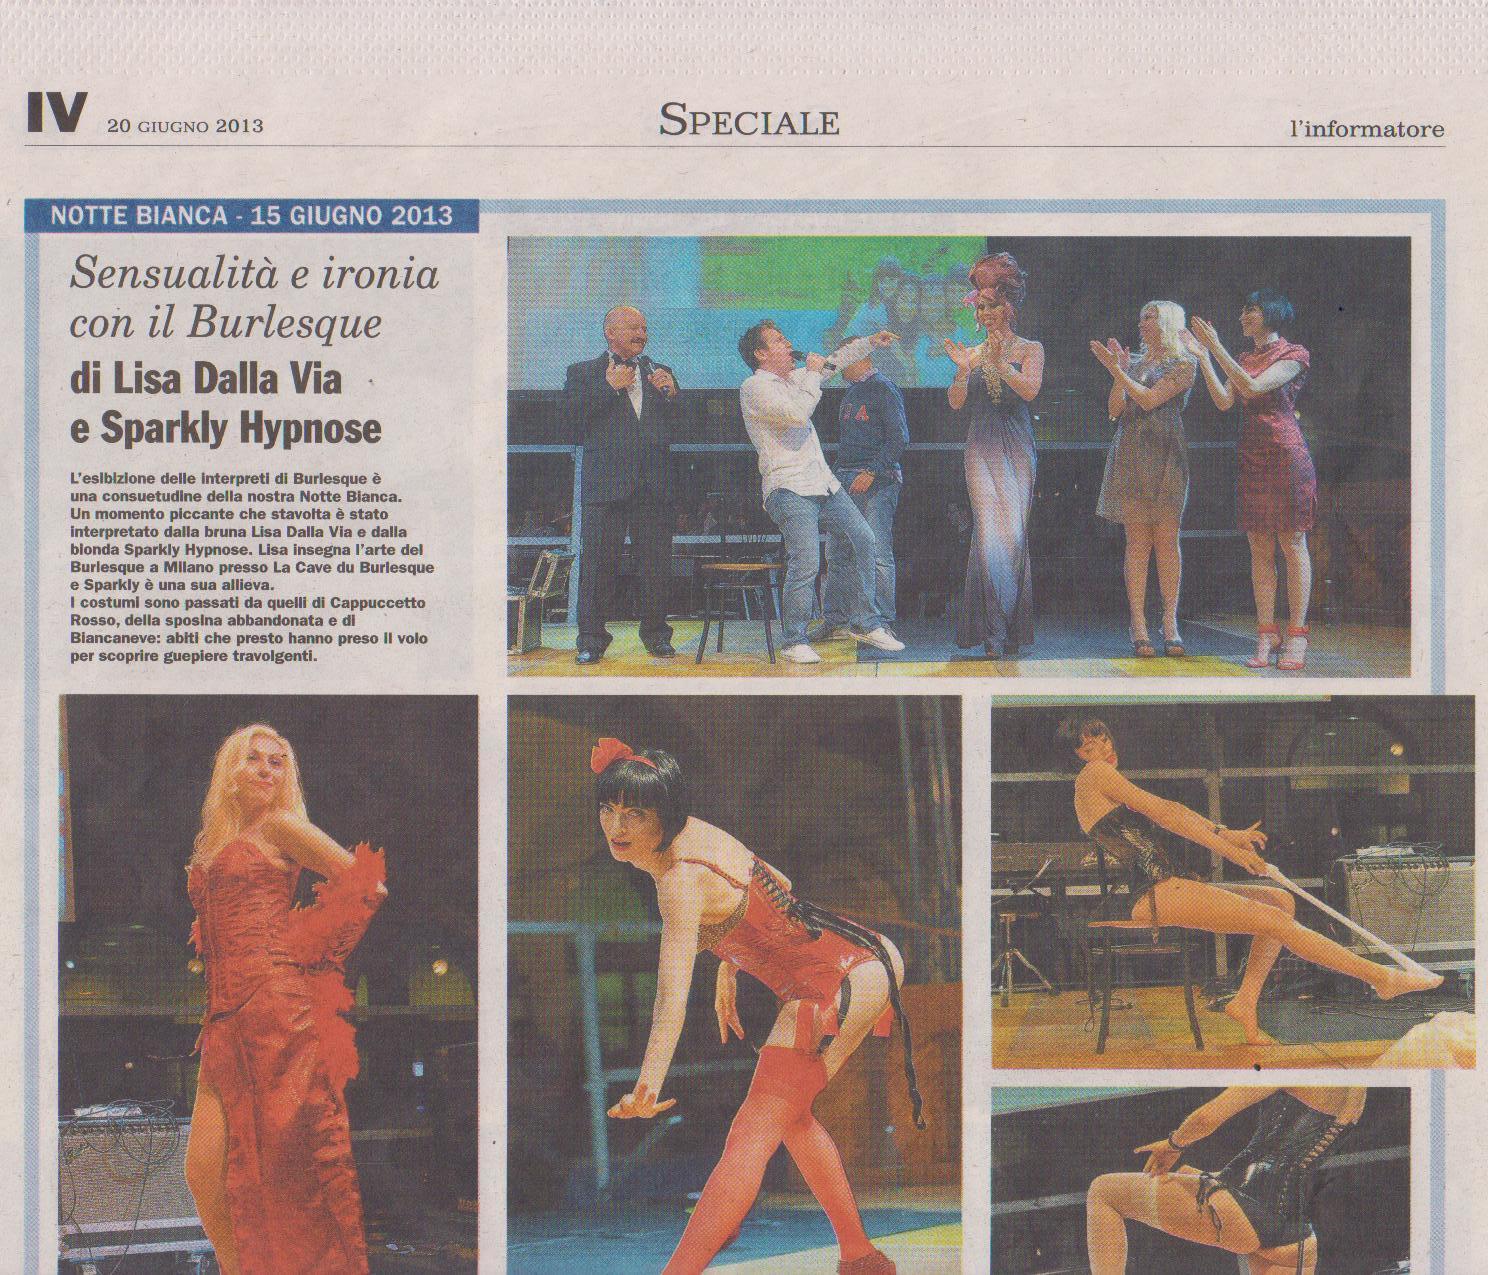 Sul palco centrale con Stefano Chiodaroli, la Violetta ed il Burlesque